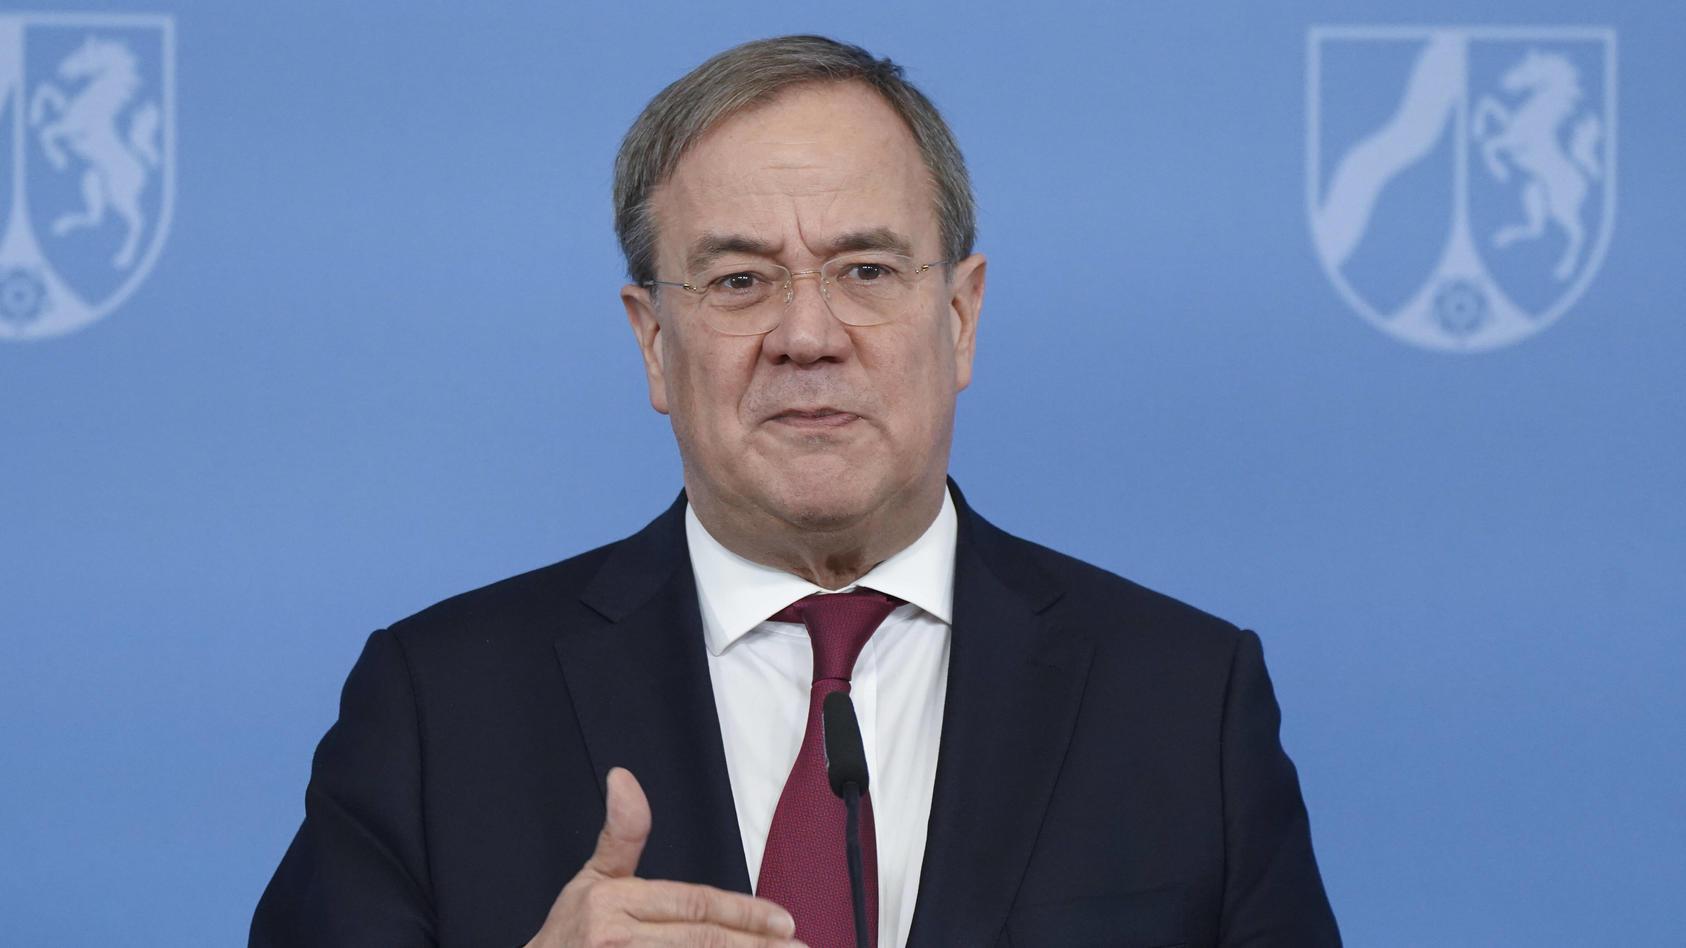 Kein Ministerpräsident mehr - Laschet will am Montag zurücktreten